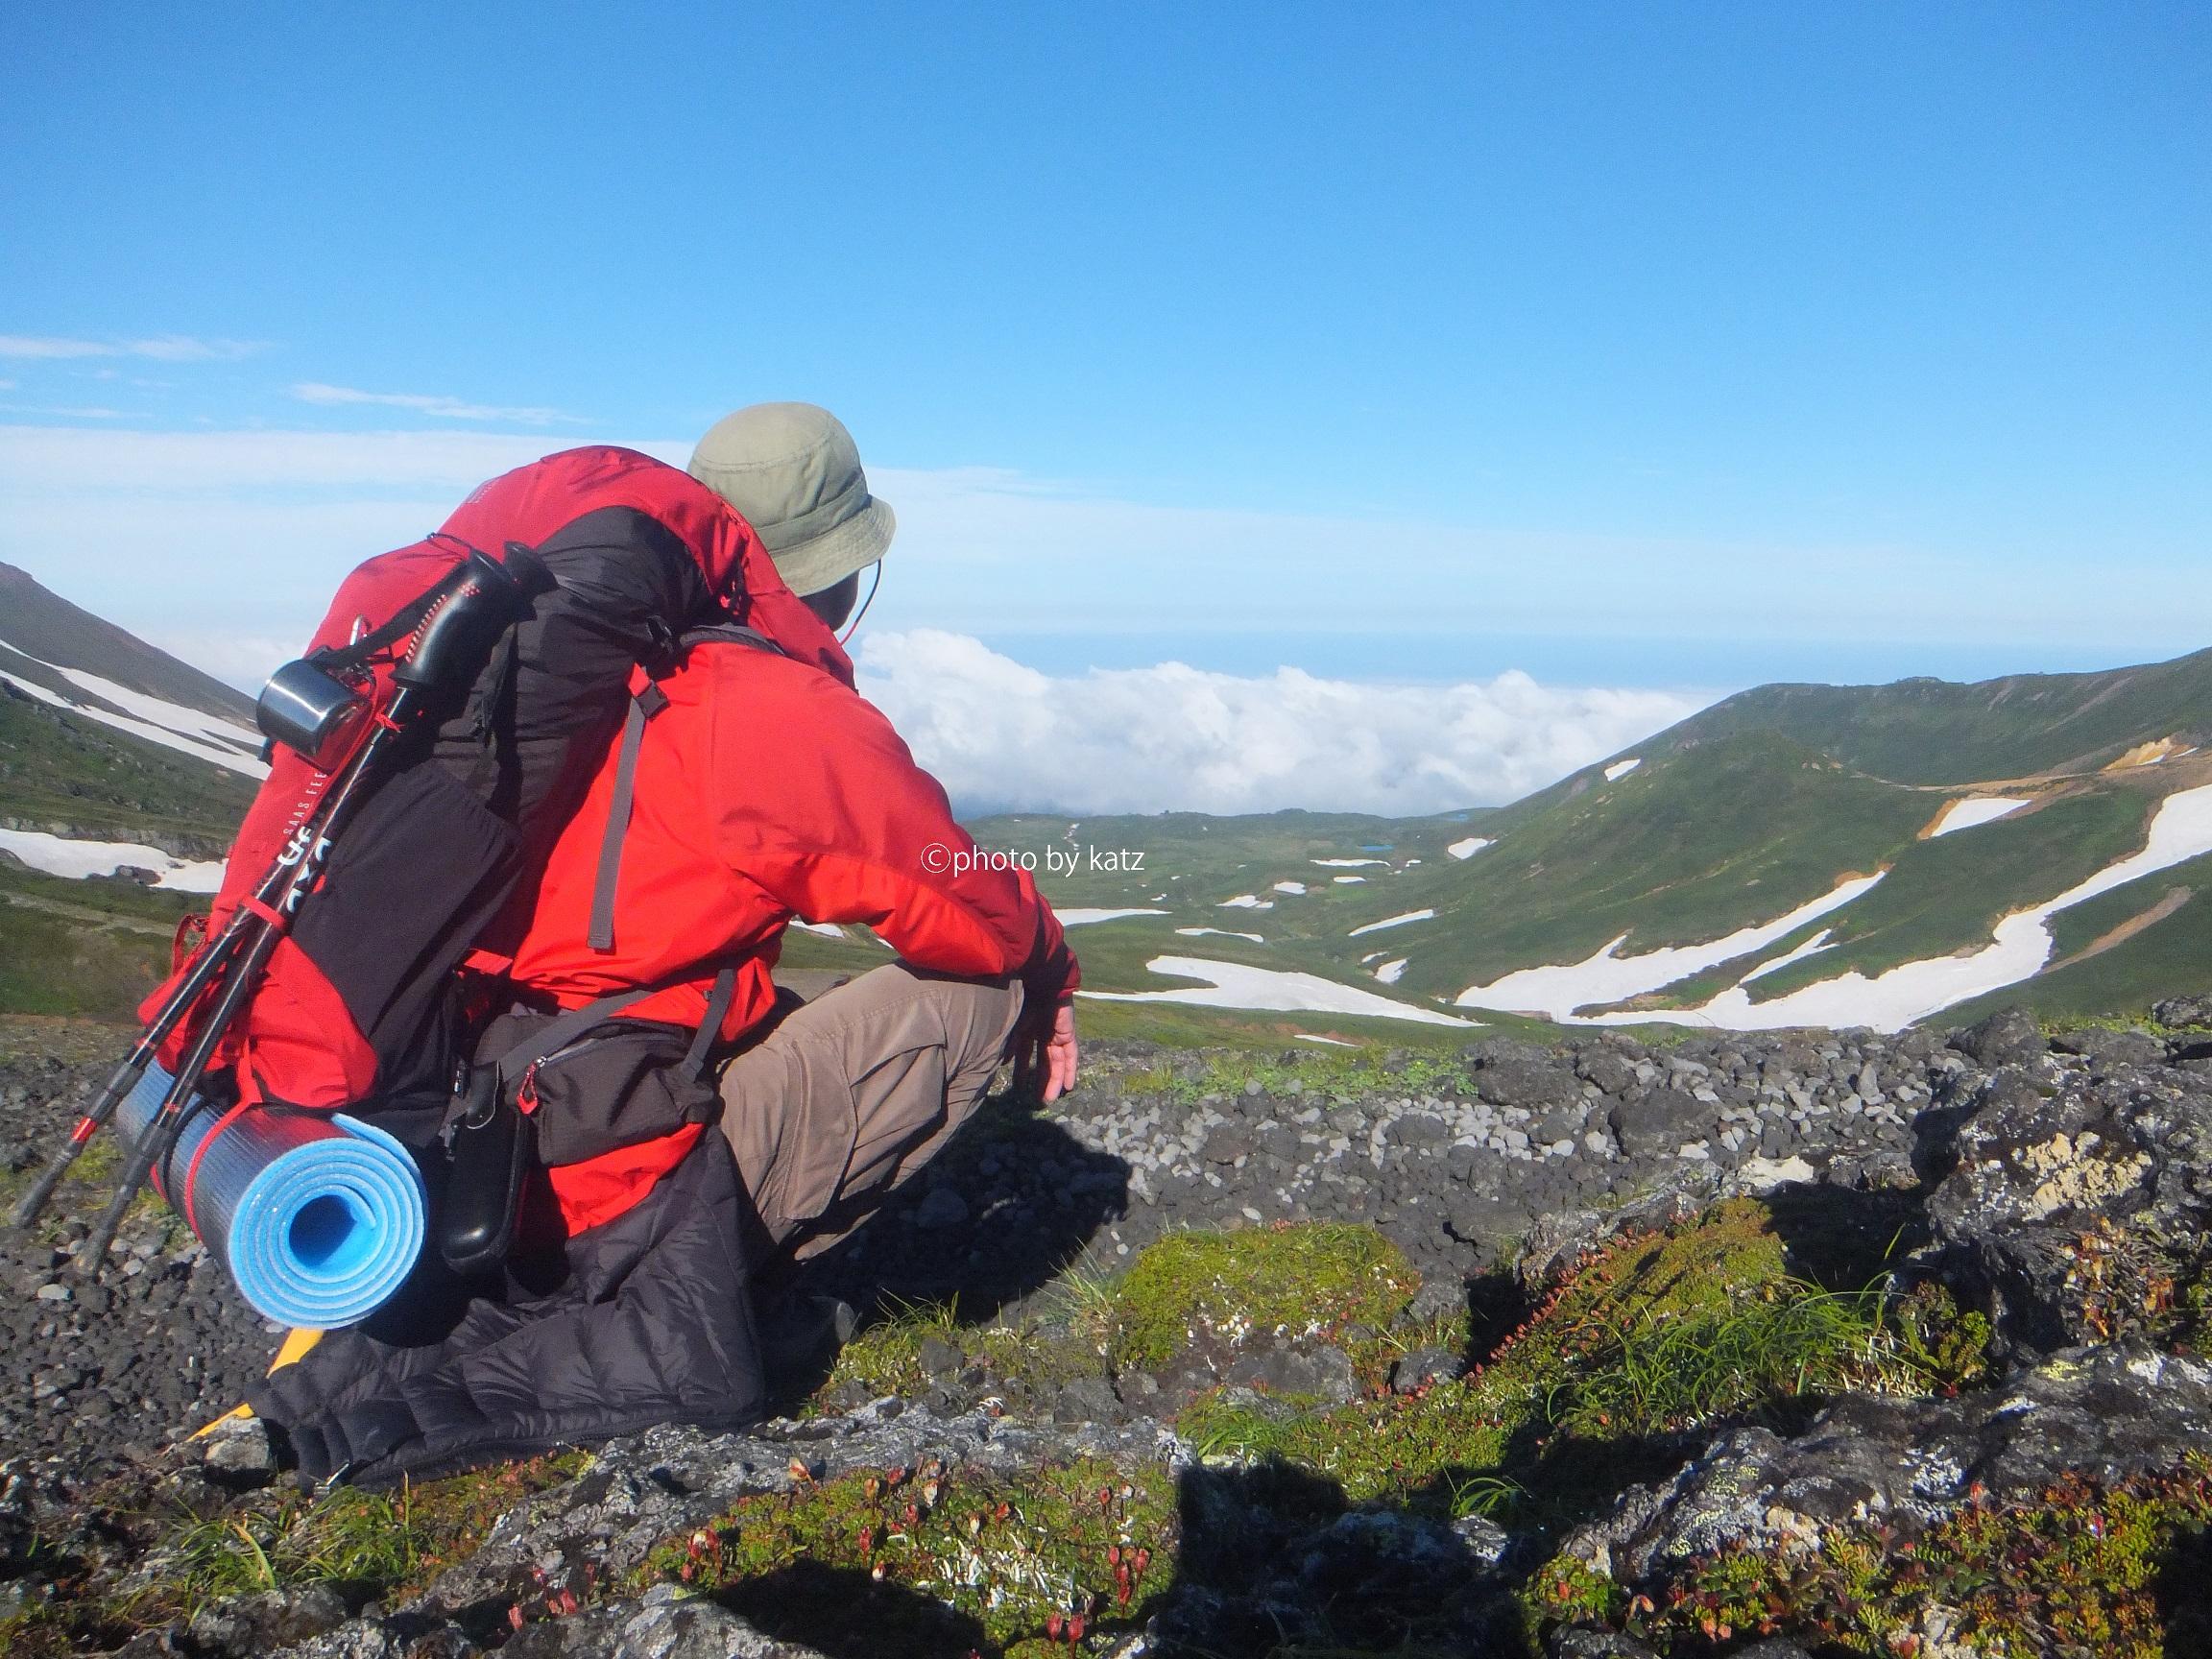 2018年7月中旬 北海道大雪山系旭岳から黒岳 ステラリッジ テント1型 ご利用ブログレポート